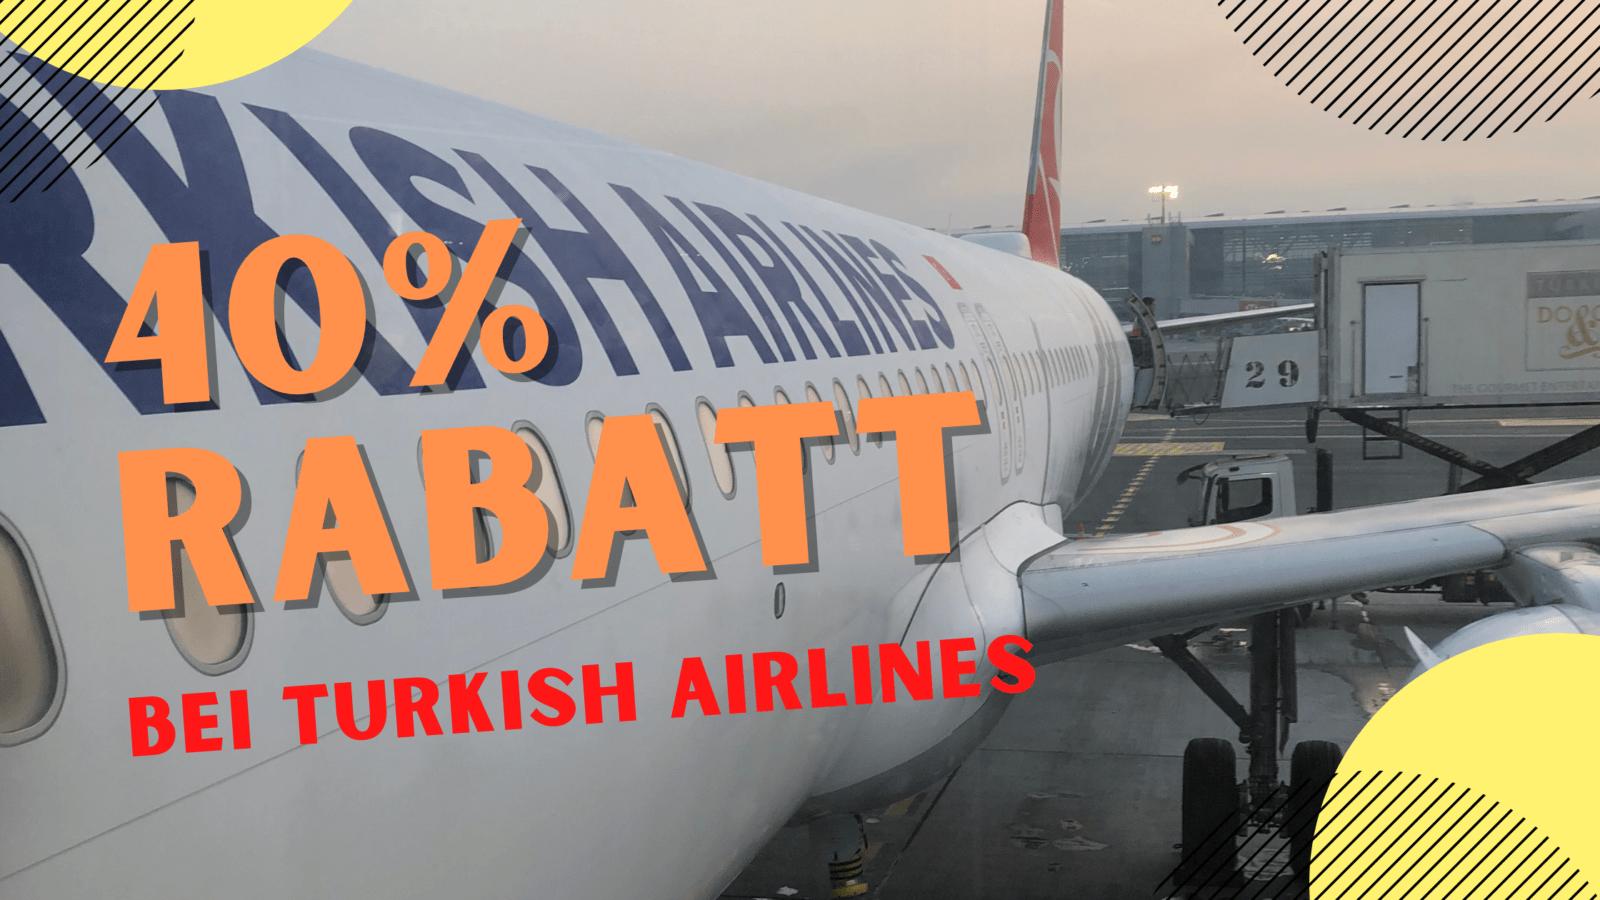 40% auf Turkish Airlines Flügen sparen